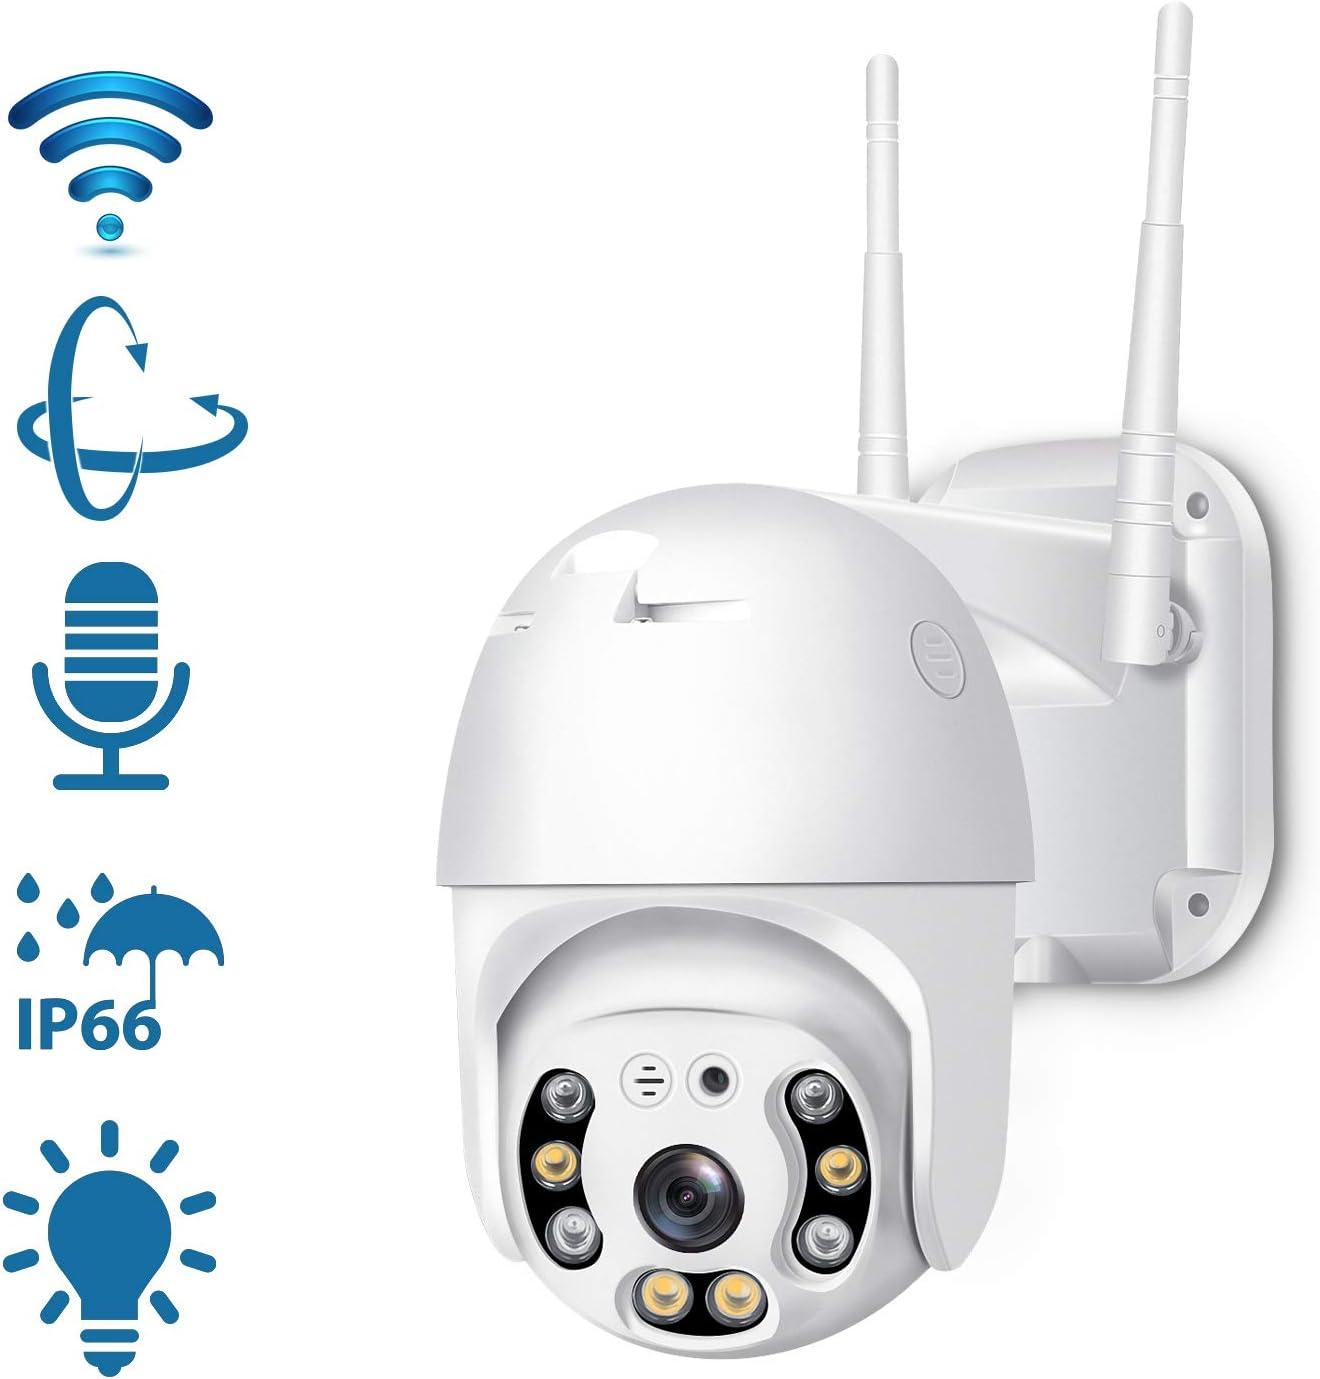 Wireless 1080p Pan /& Tilt Security Camera